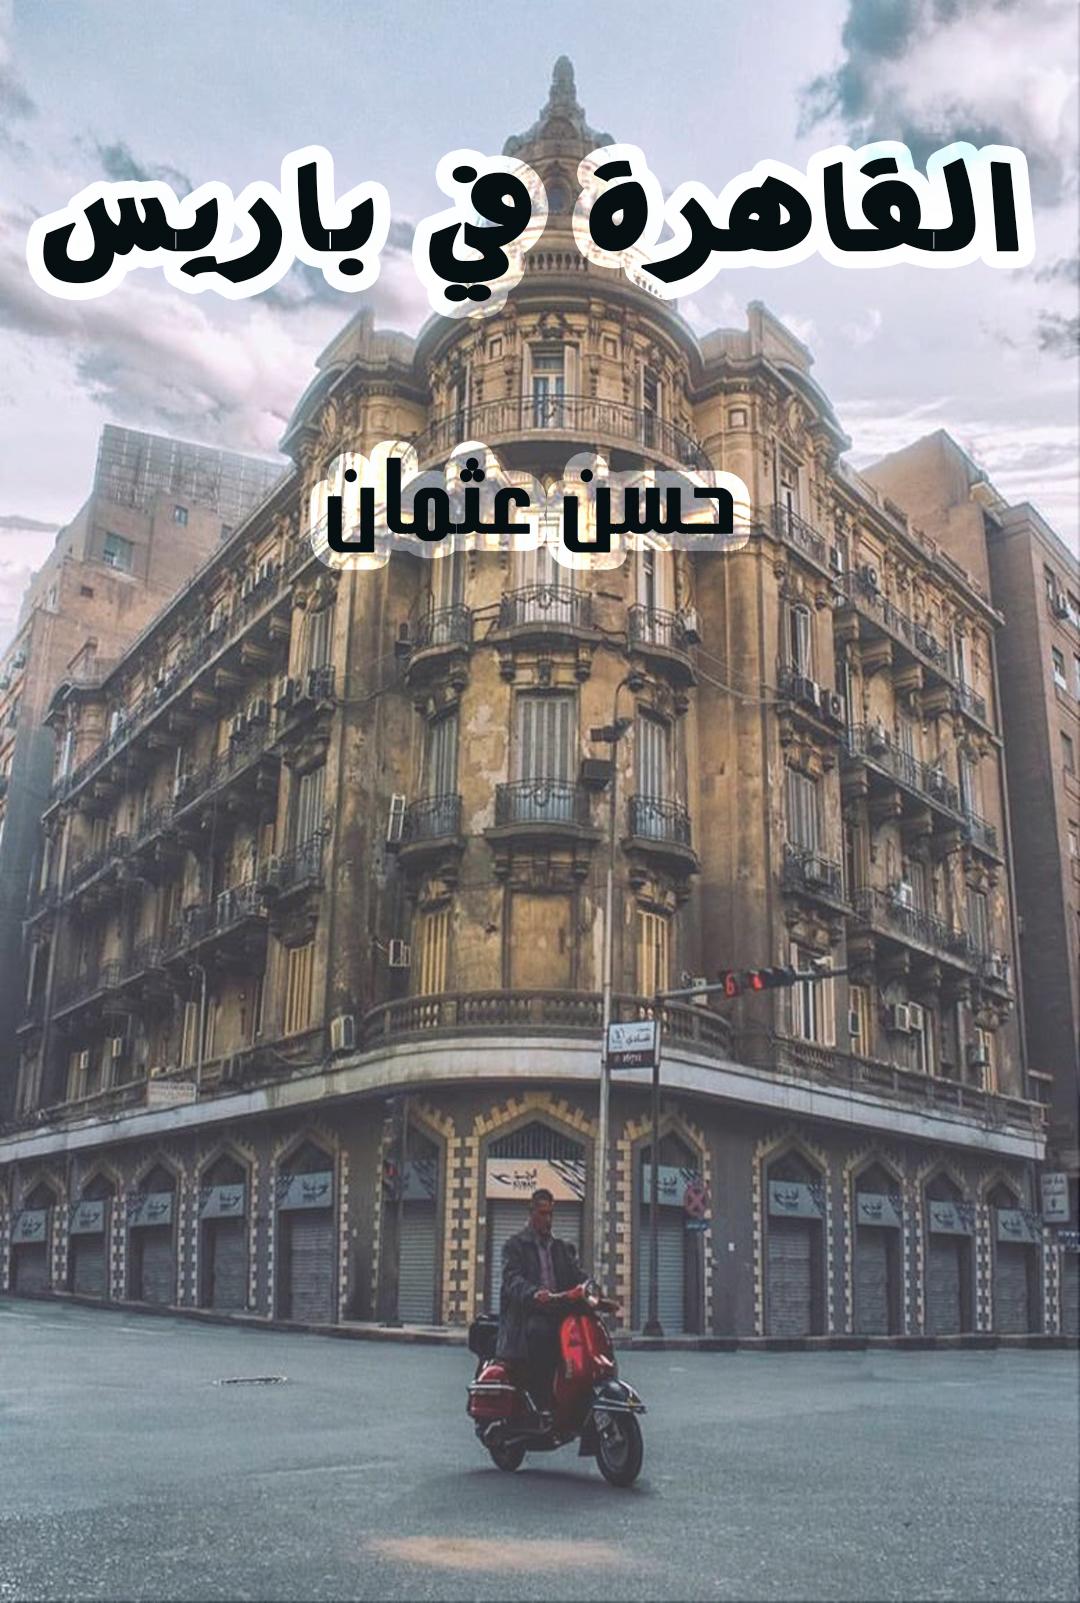 القاهرة في باريس